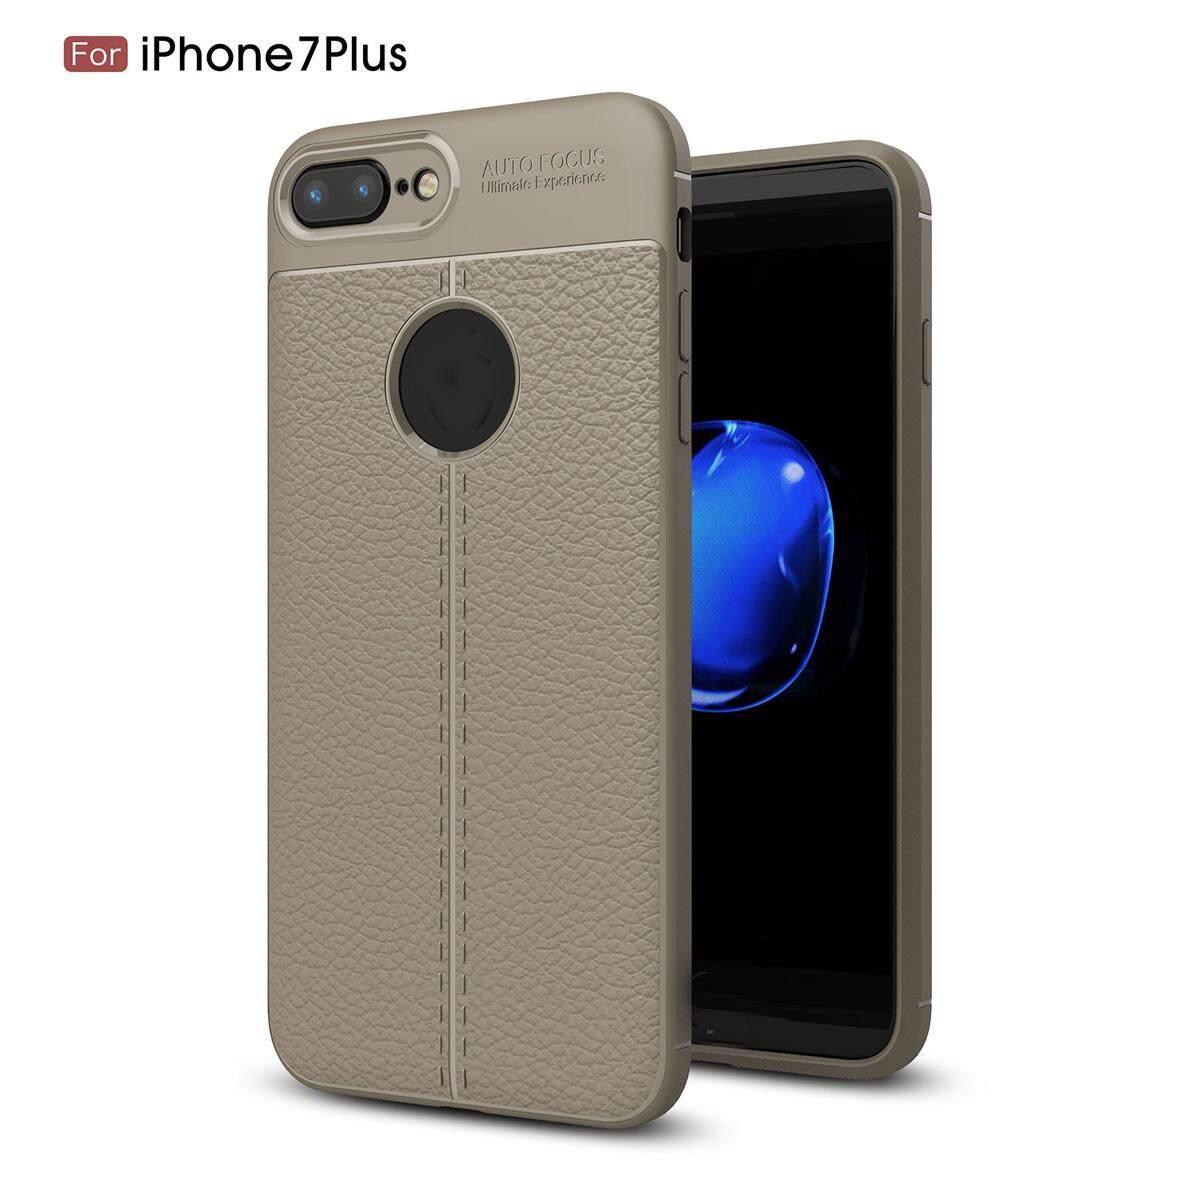 ... Casing Tahan Guncangan. Source · Ponsel TPU Lembut Case Penutup Belakang Melindungi Kayu/Tekstur Marmer untuk iPhone X/8